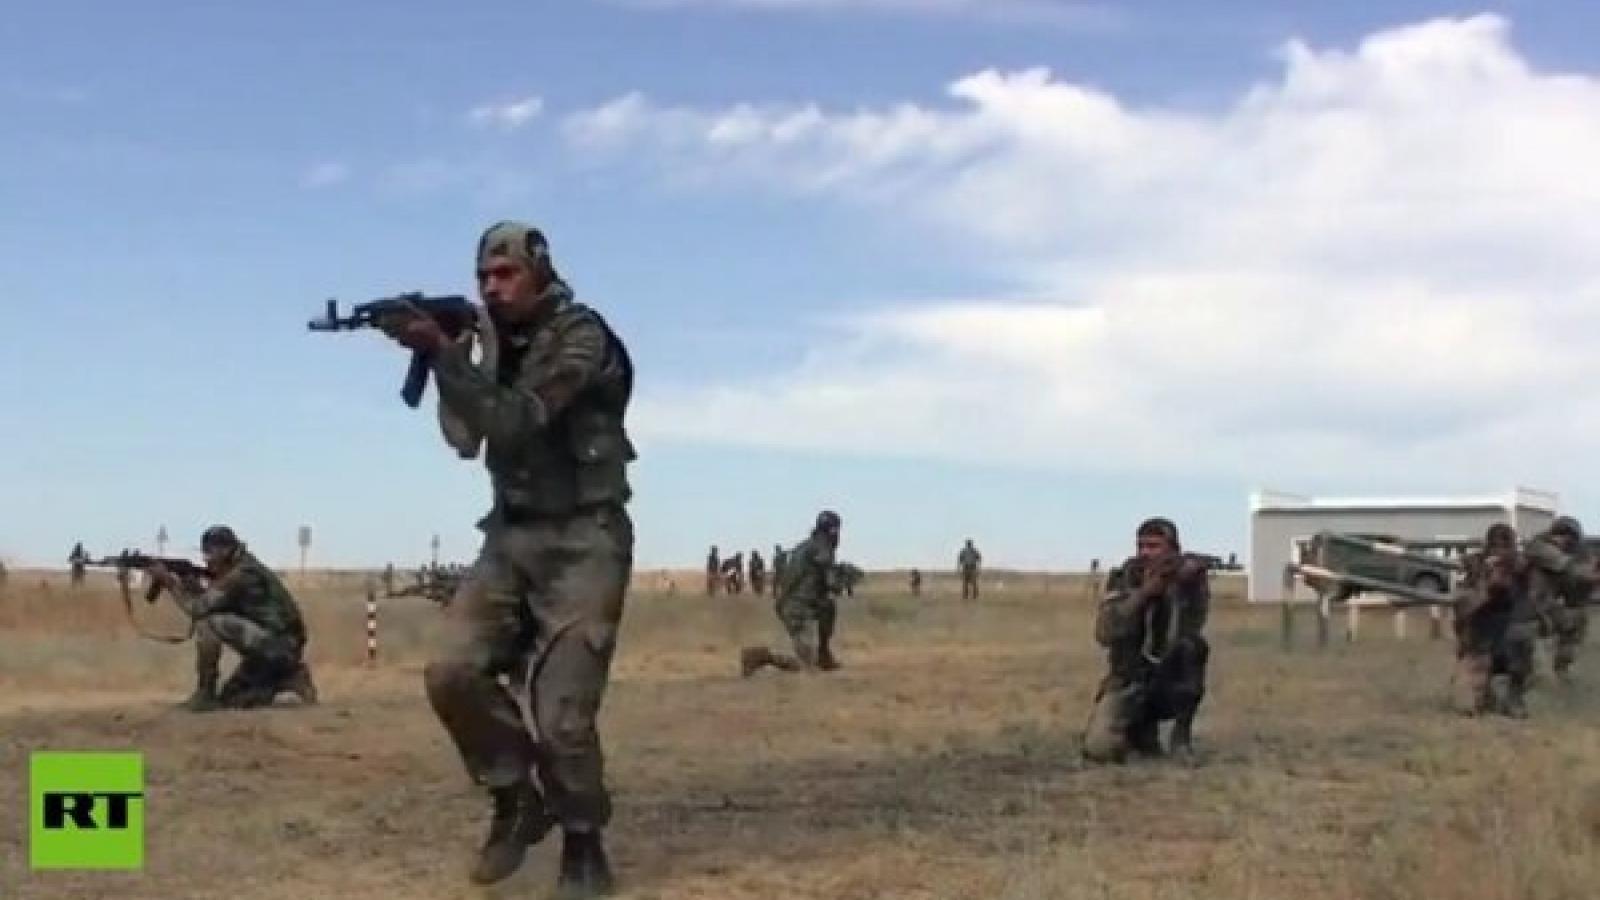 Quân đội Nga - Ấn Độ diễn tập tấn công, trấn áp khủng bố